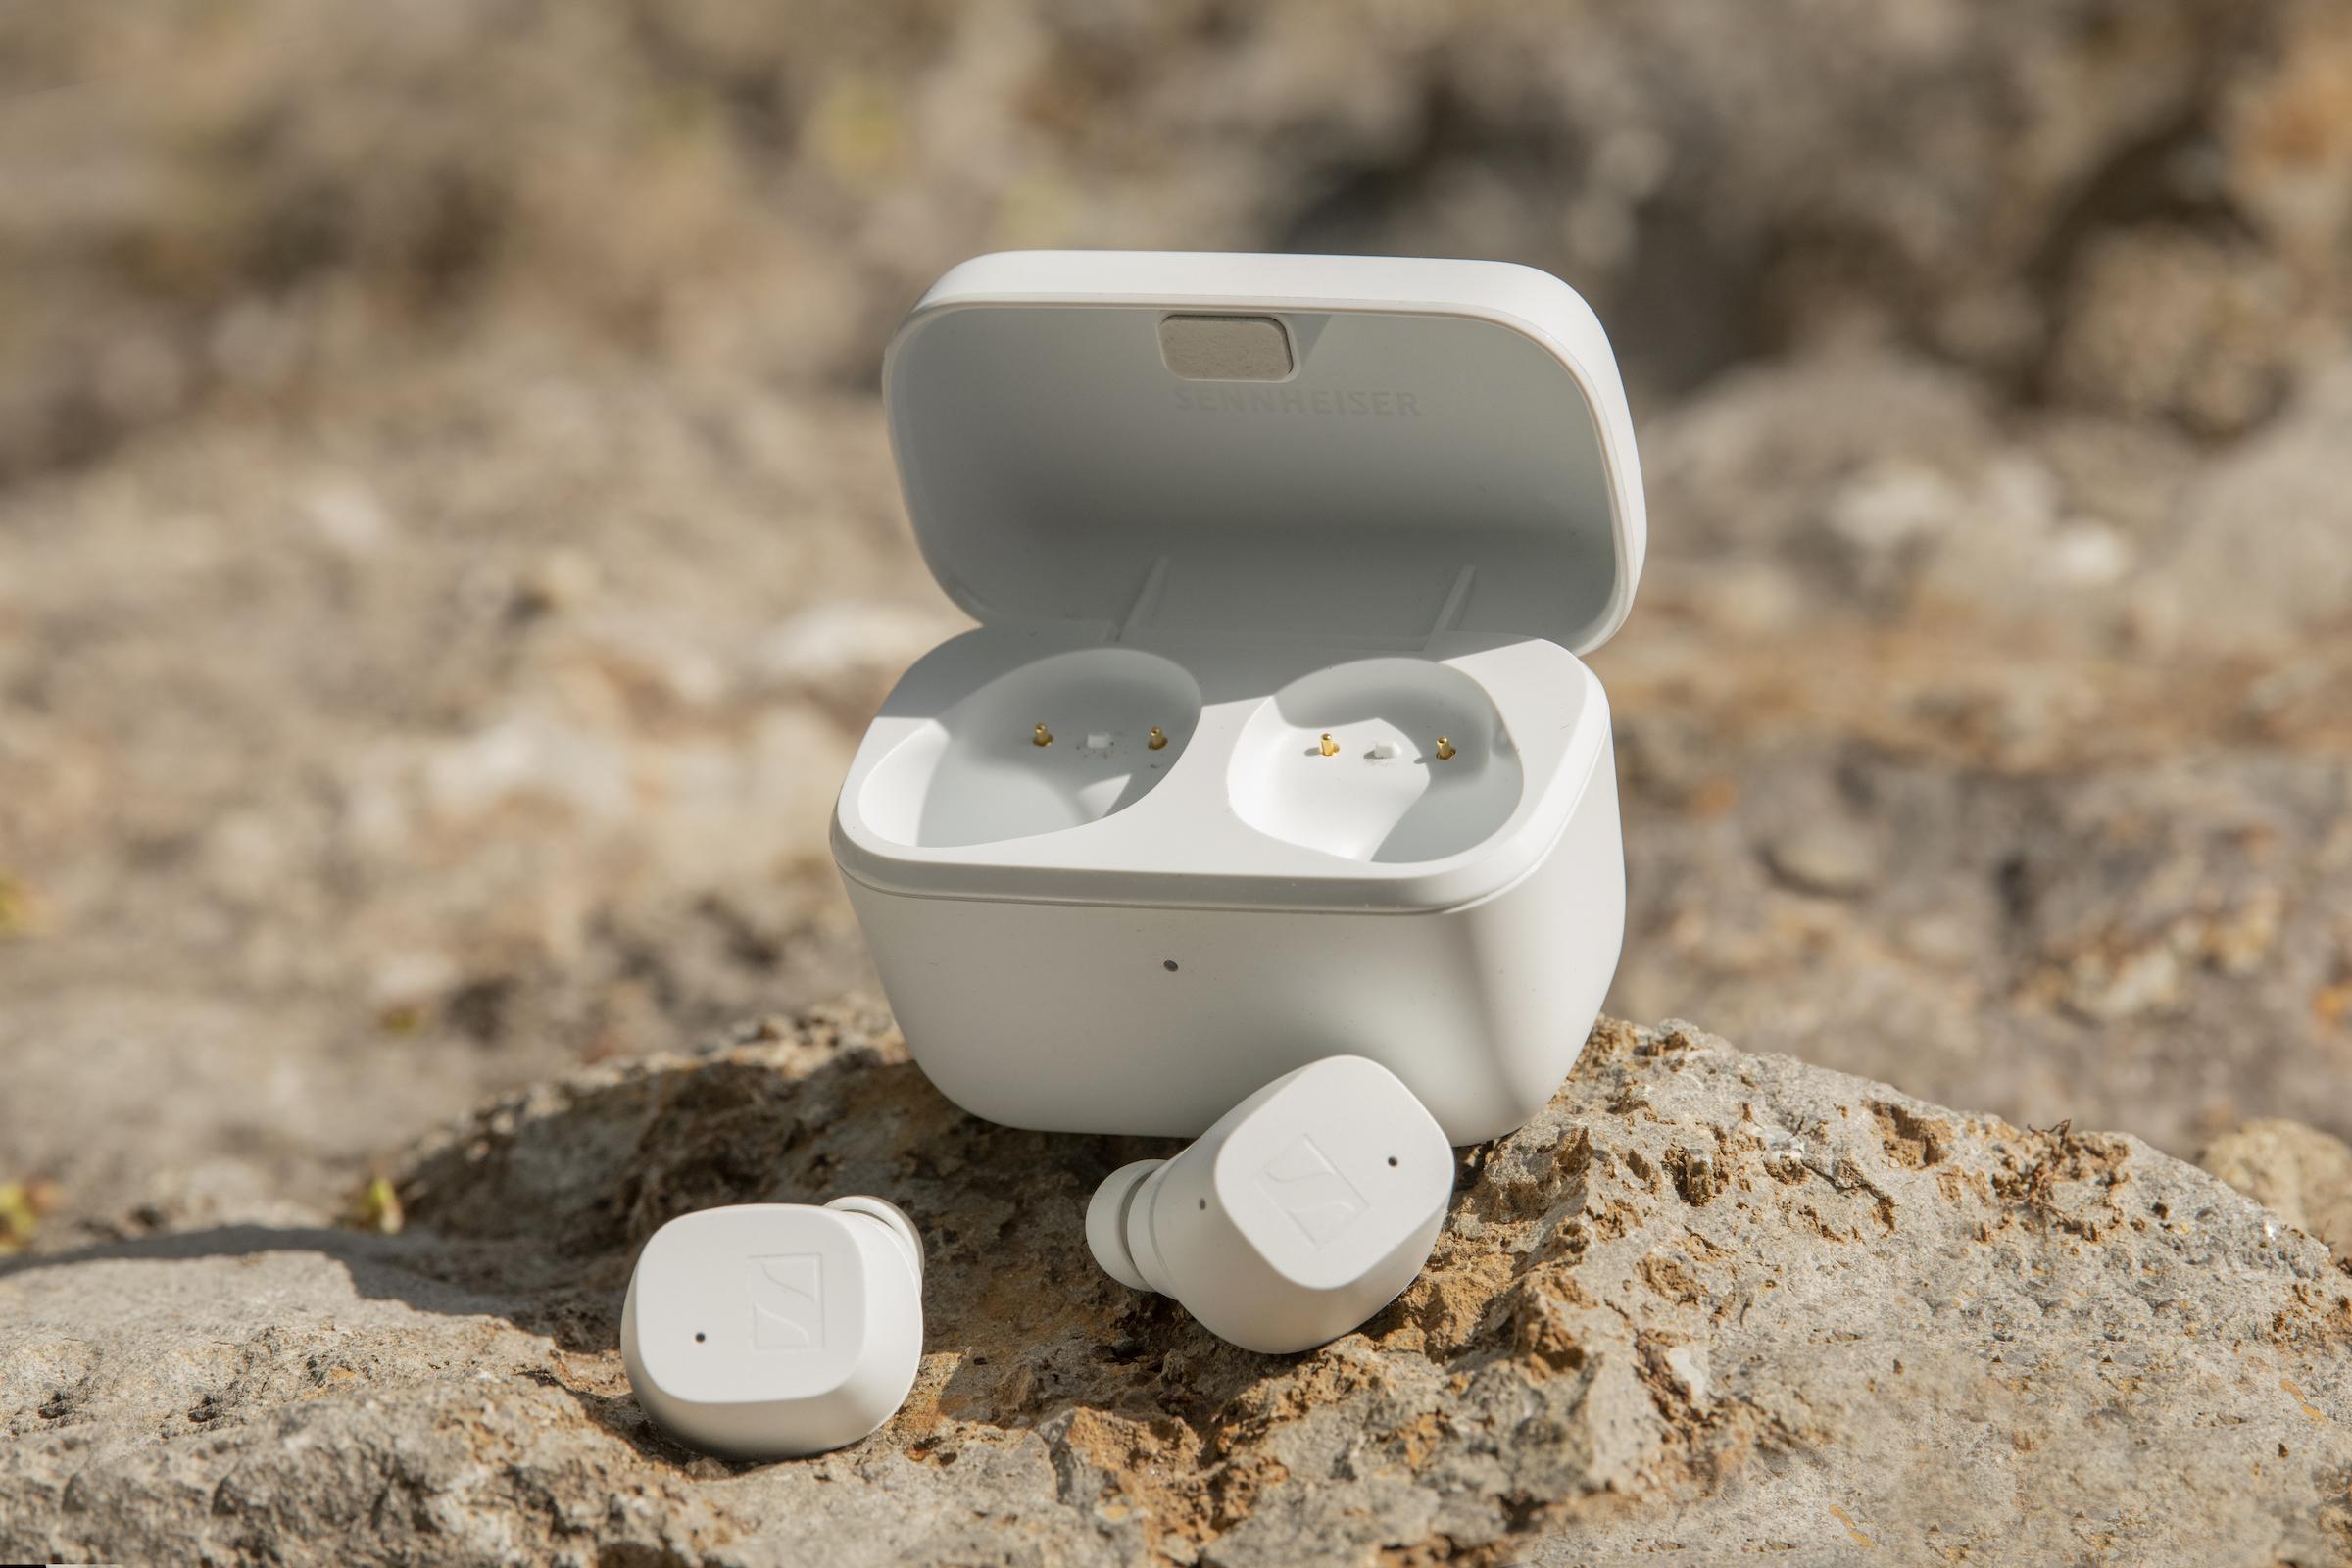 Prise en main des Sennheiser CX True Wireless: des écouteurs abordables sans concession sur le son